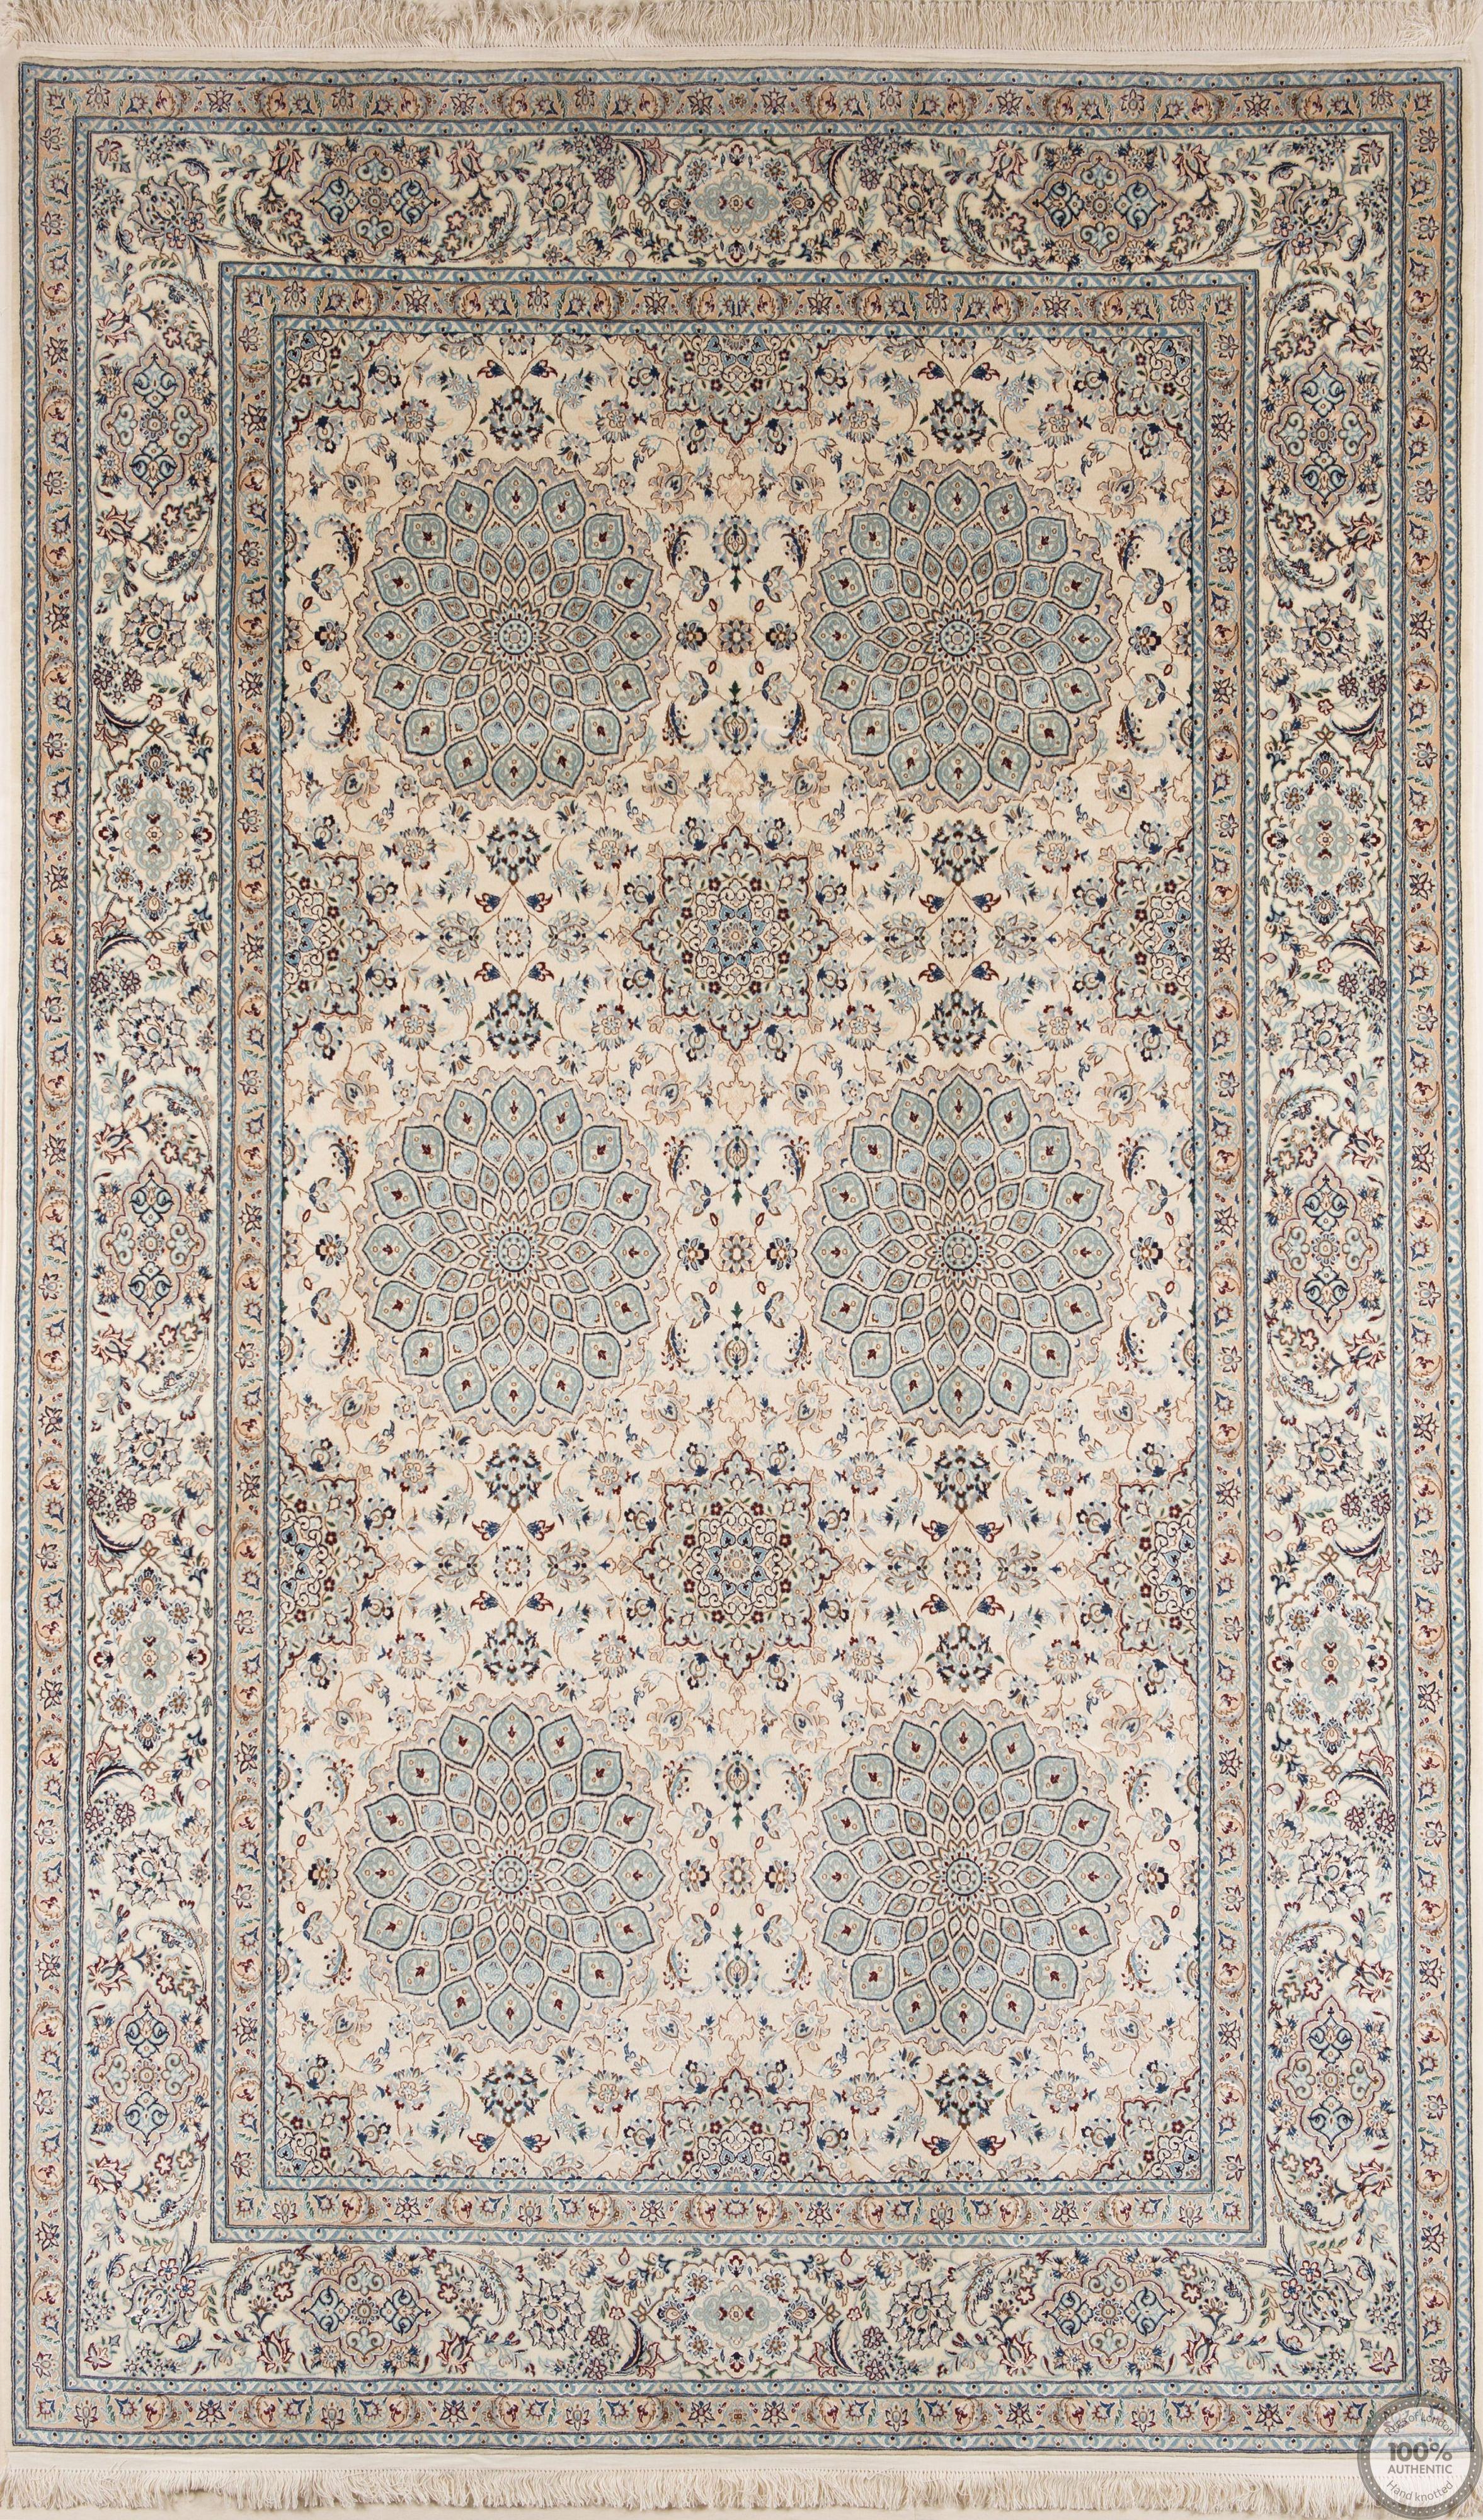 Persian Nain 6La rug